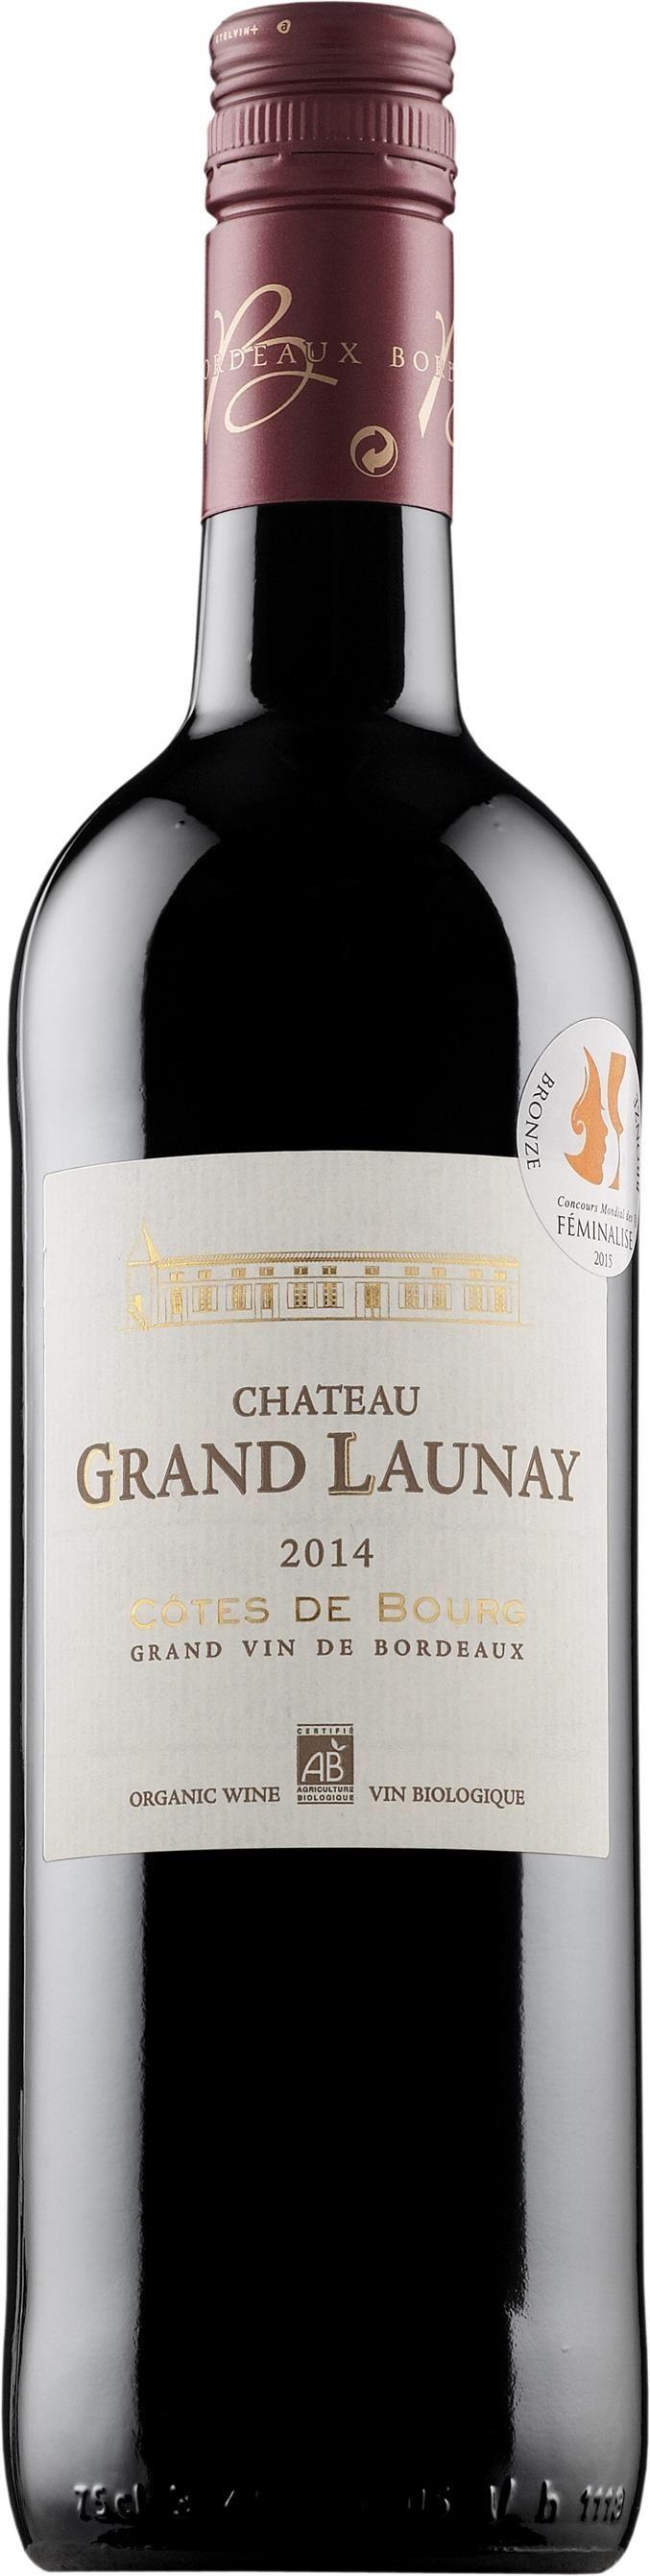 Château Grand Launay 2015. France: Merlot, Malbec. 11,87 €. Vivahteikas ja kehittynyt: Täyteläinen, erittäin tanniininen, hapankirsikkainen, kypsän karpaloinen, mausteinen, kevyen tamminen